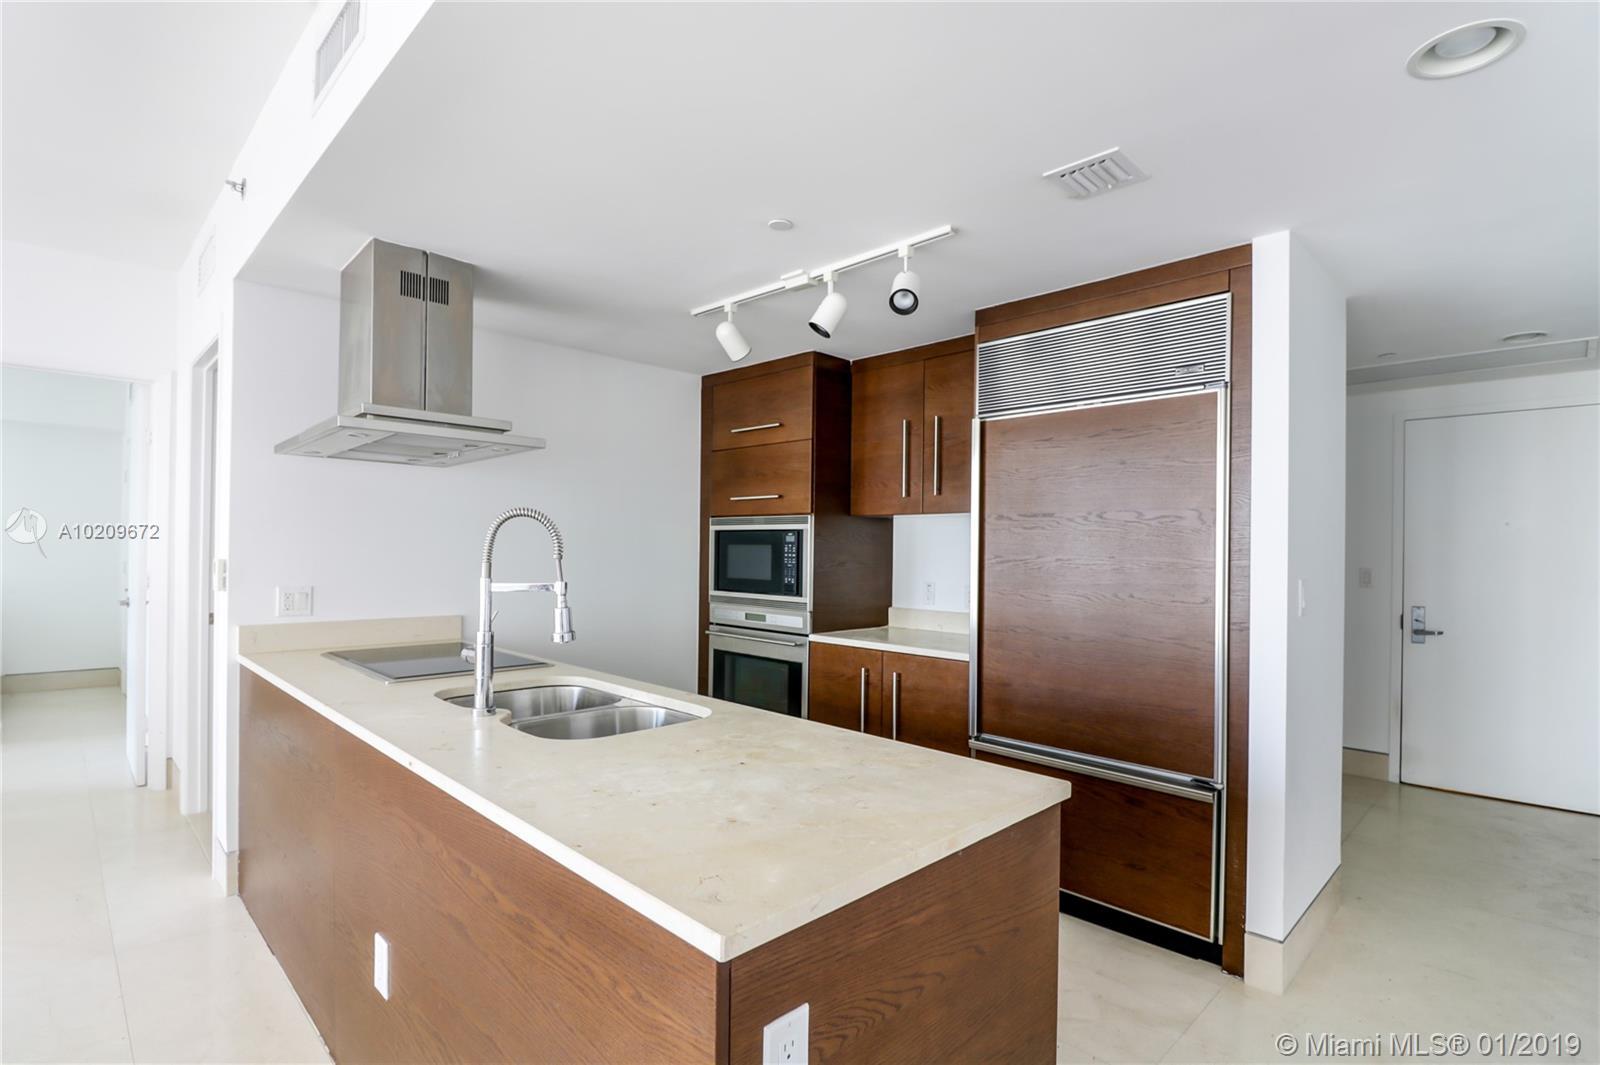 495 Brickell Ave, Miami, FL 33131, Icon Brickell II #2904, Brickell, Miami A10209672 image #14